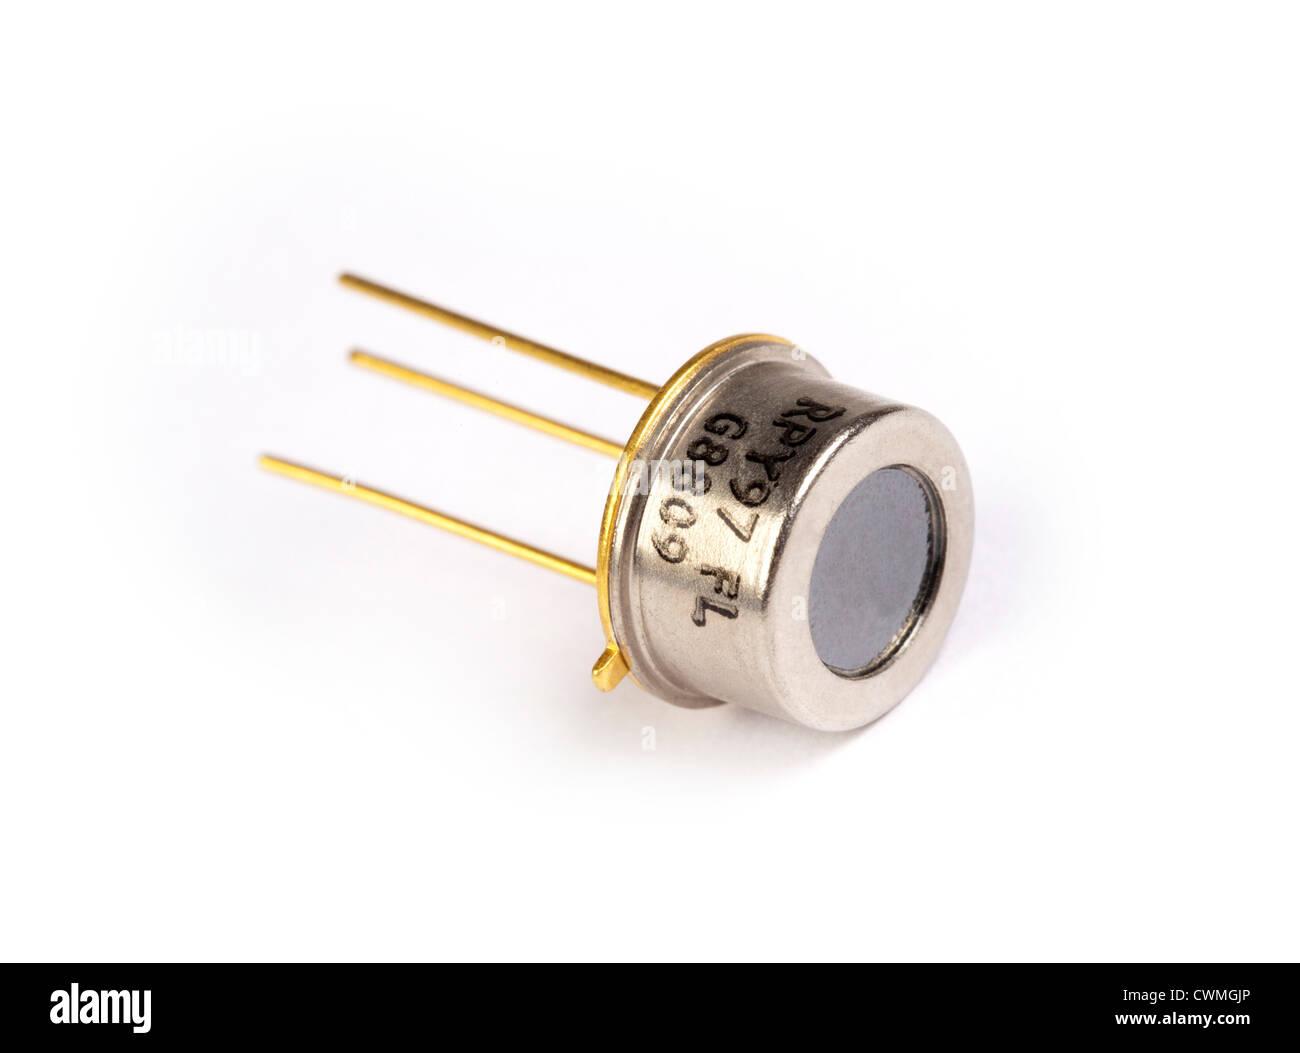 RPY97 détecteur thermique infrarouge passif Photo Stock